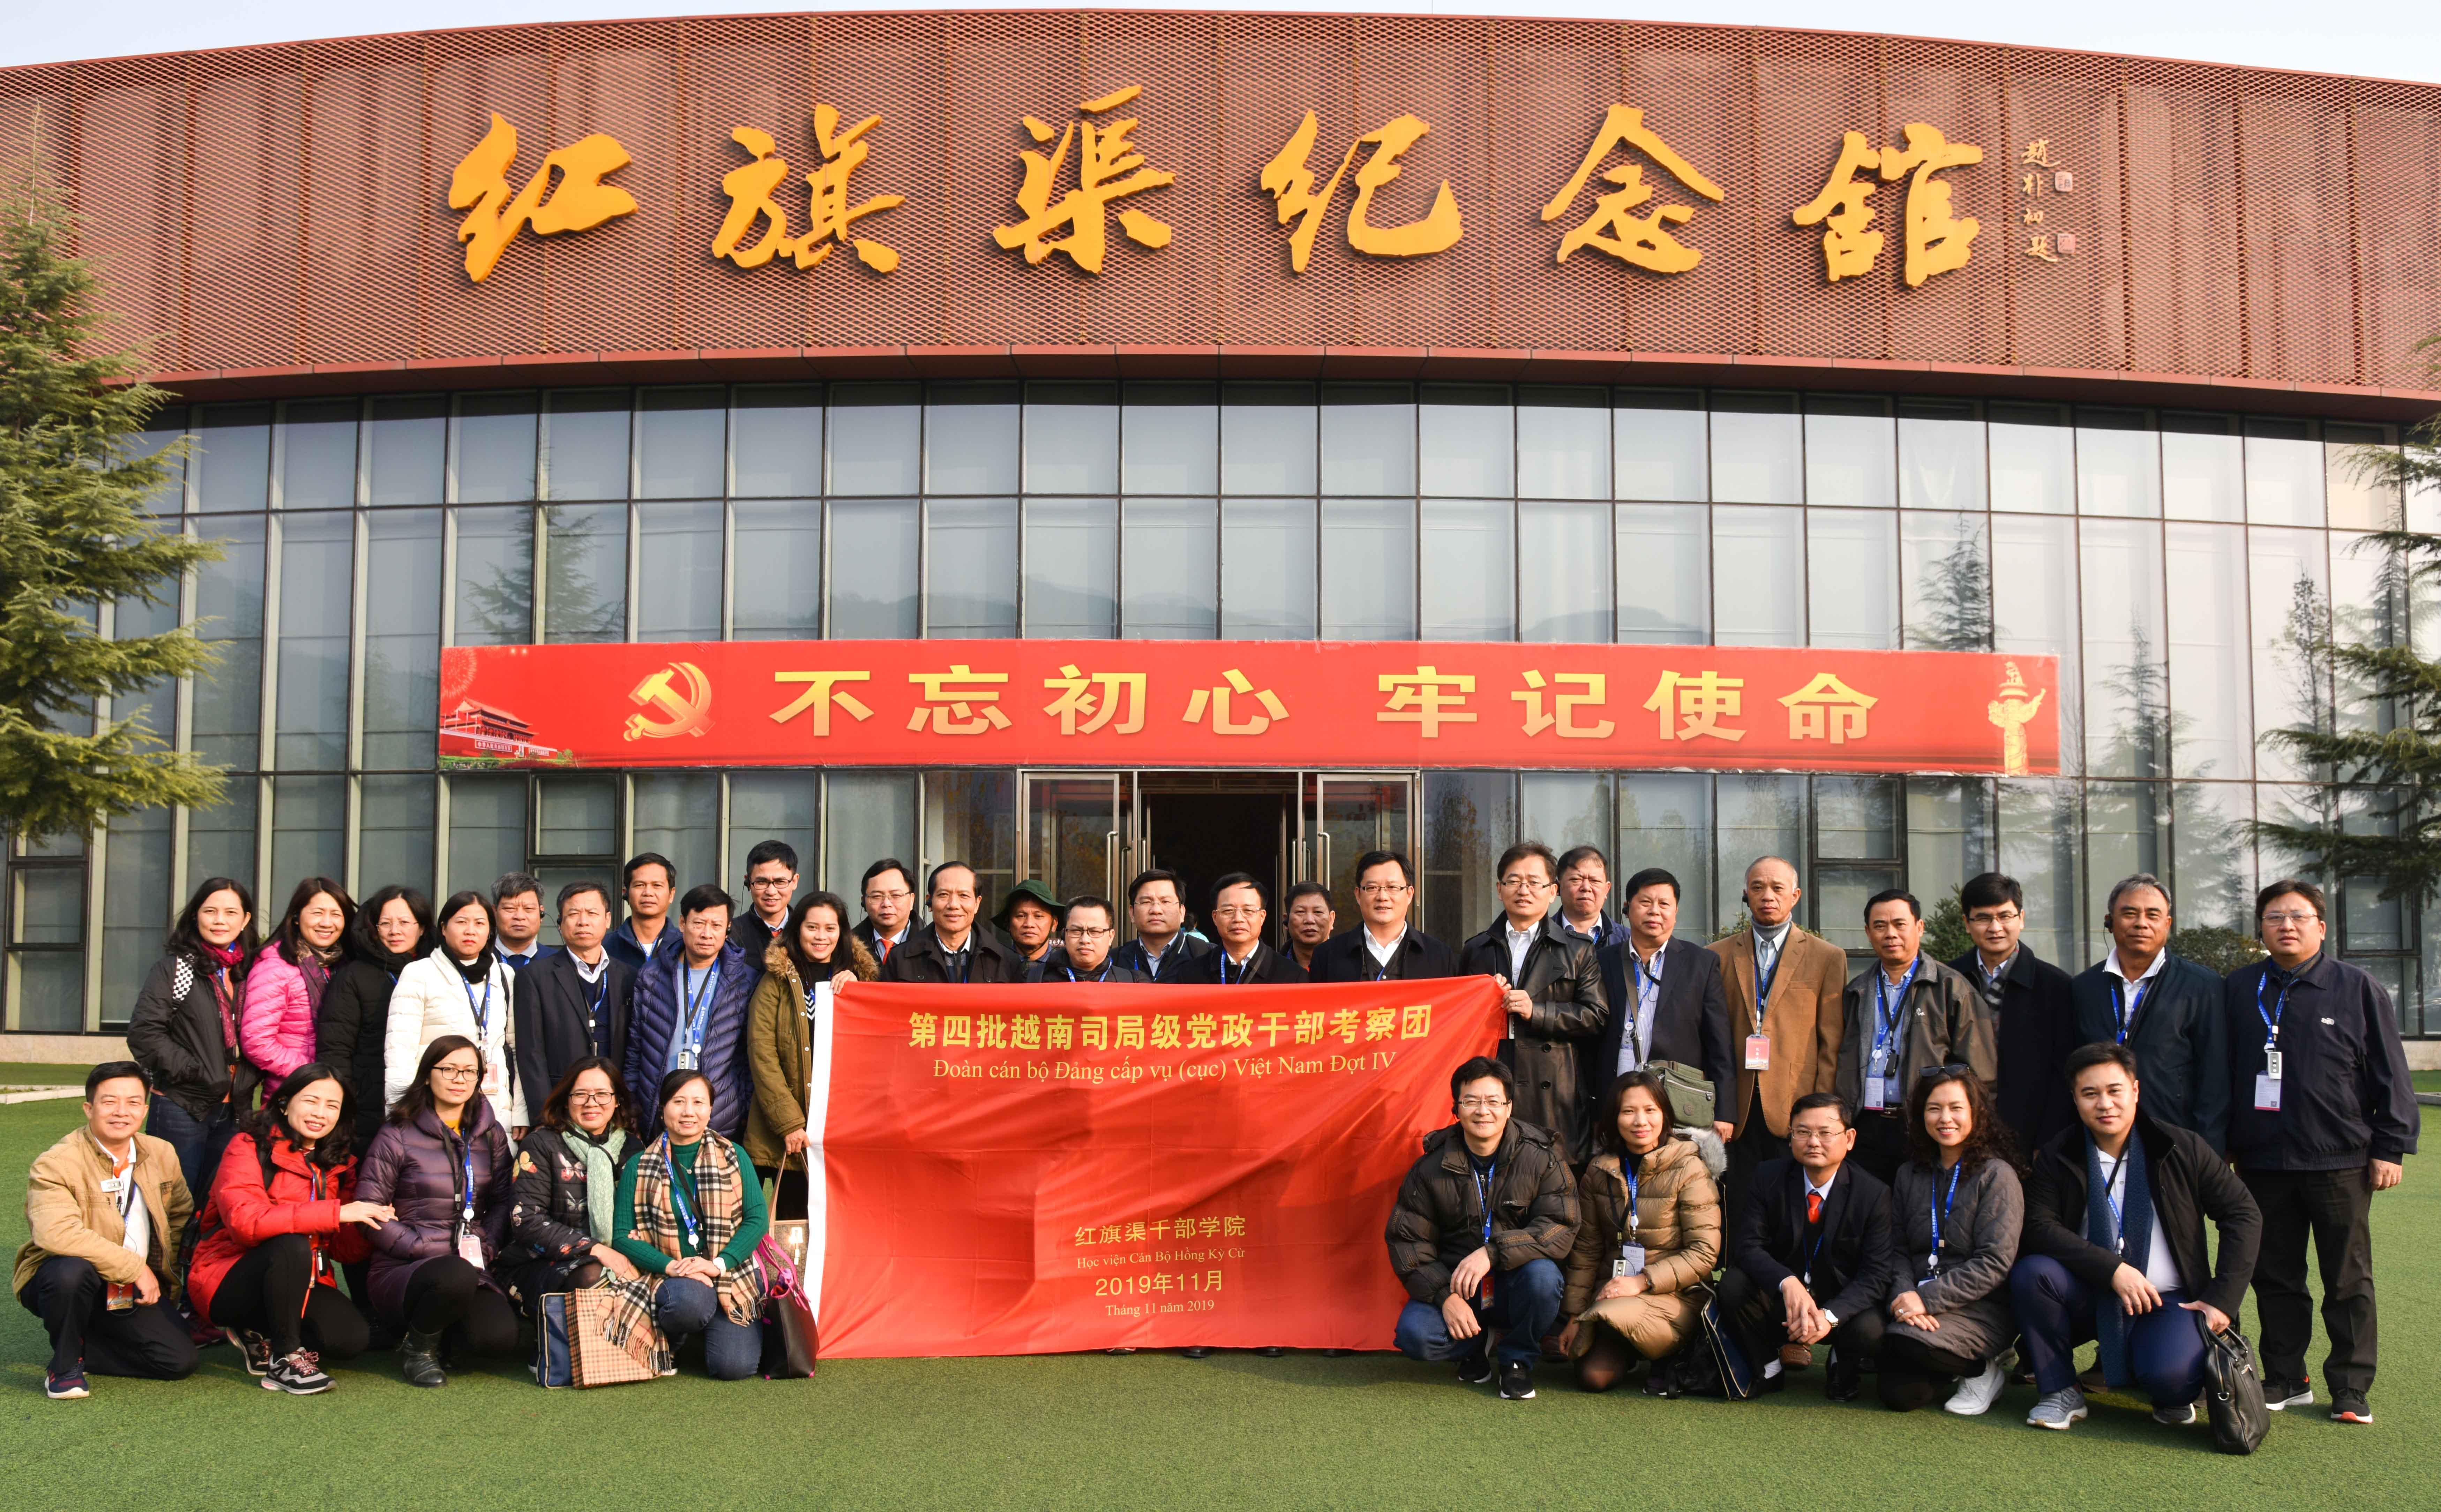 第四批越南司局级党政干部考察团在我院开展研修考察